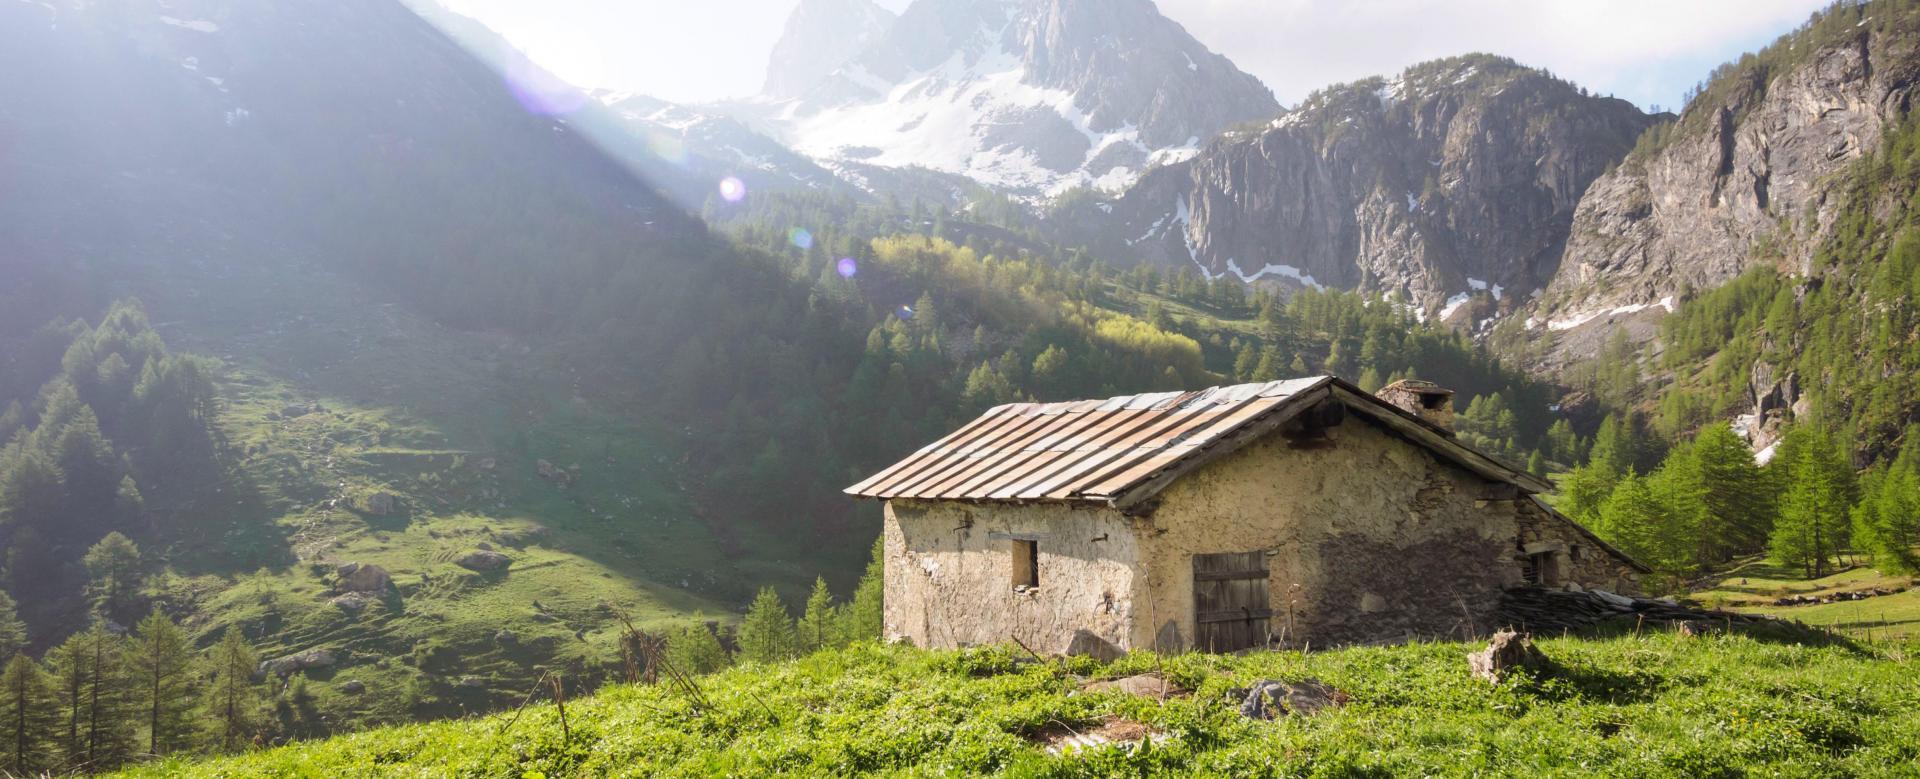 Voyage à pied : Alpes italiennes du val maira